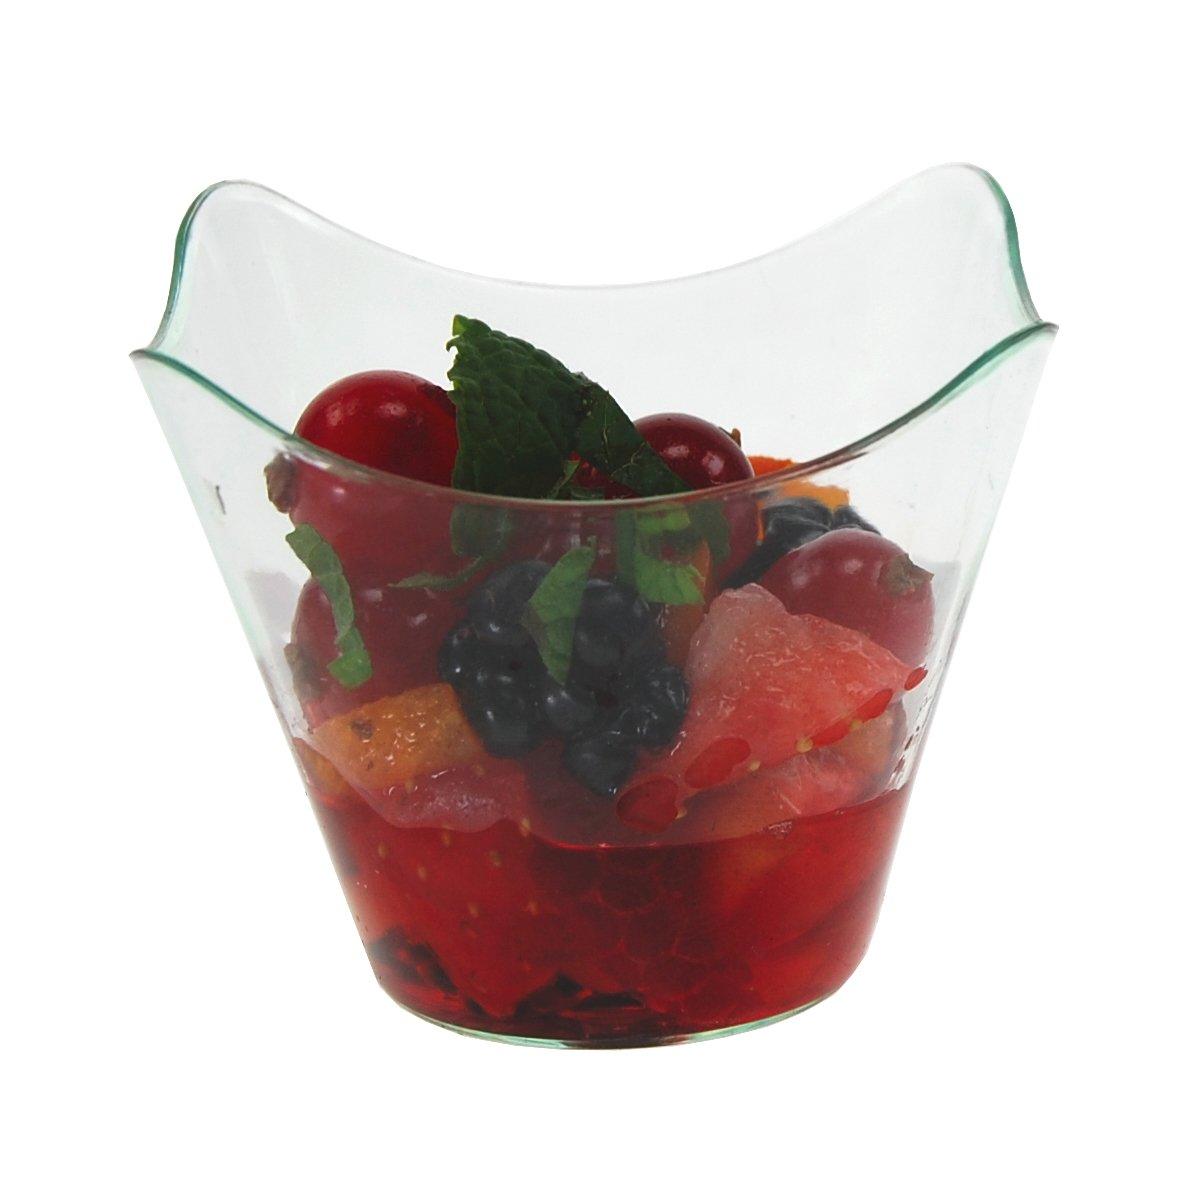 MB19 Vaso Campana- 5,7cl Venta en caja de 200 uds (8 bolsas de 25 uds) degustaciones de aperitivos en catering y hostelería: Amazon.es: Hogar